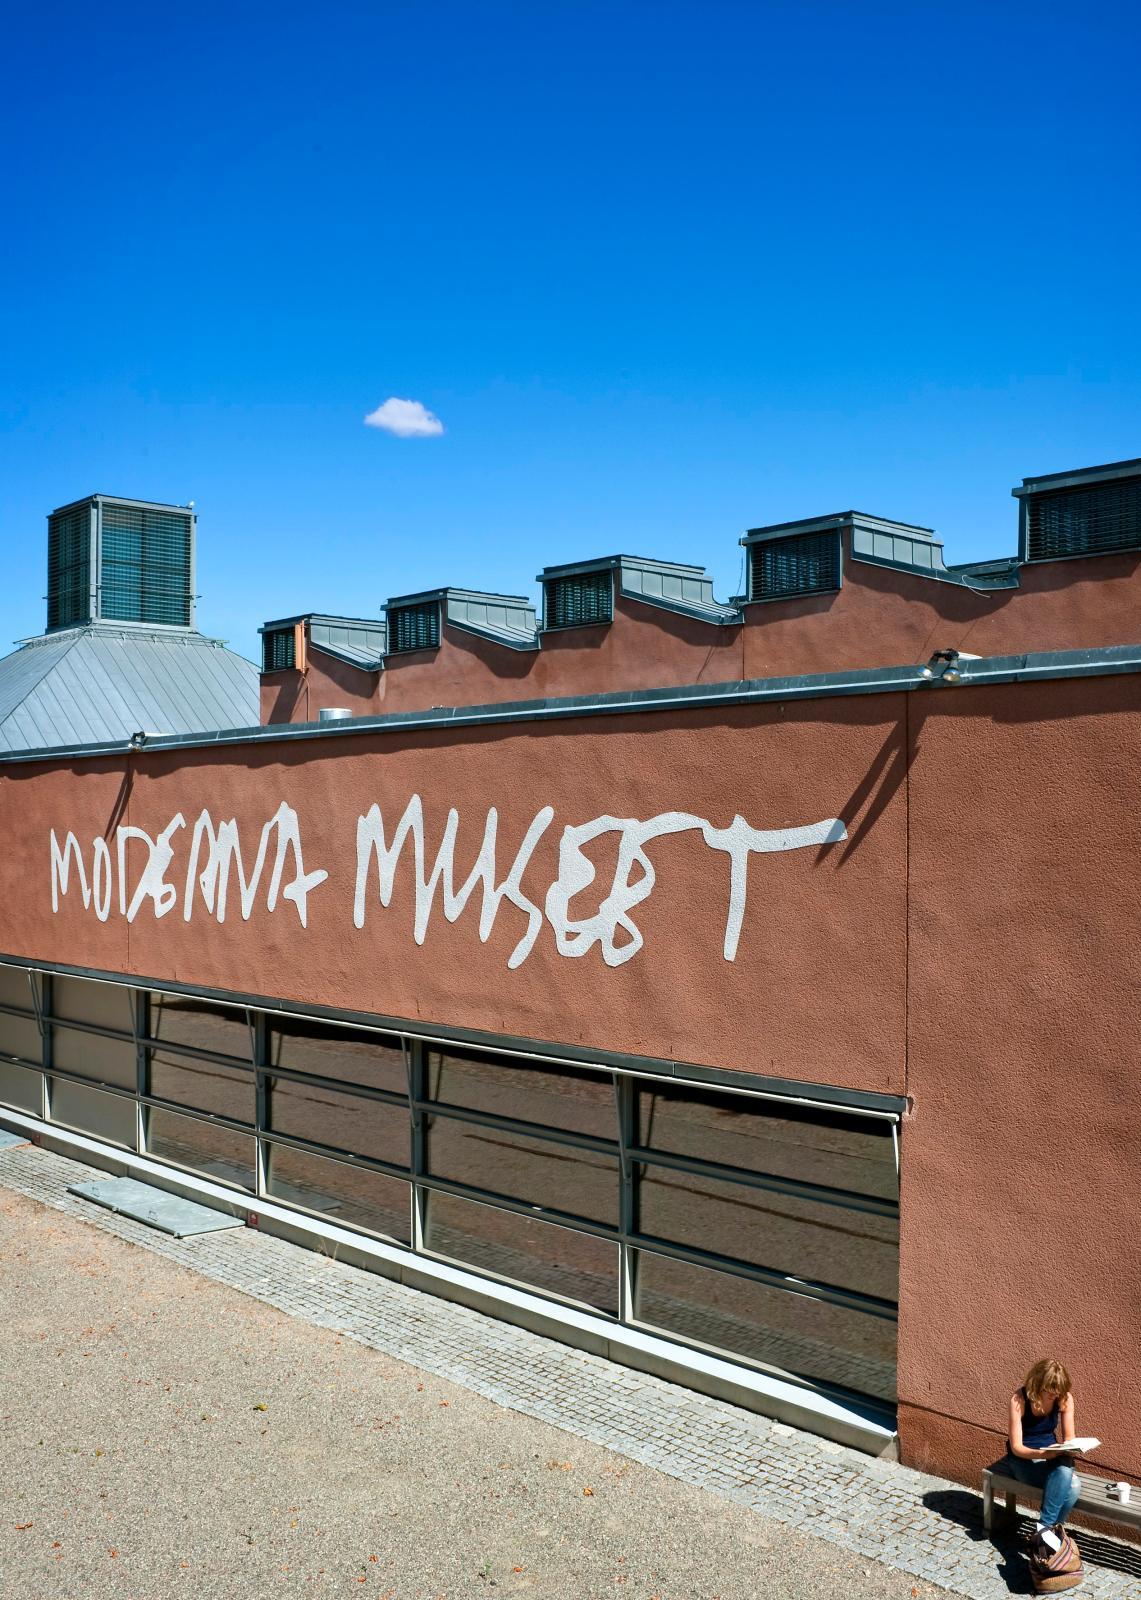 Built between 1994 and 1998, the Moderna Museet was designed by Spanish architect Rafael Moneo.© Åsa Lundén/Moderna Museet